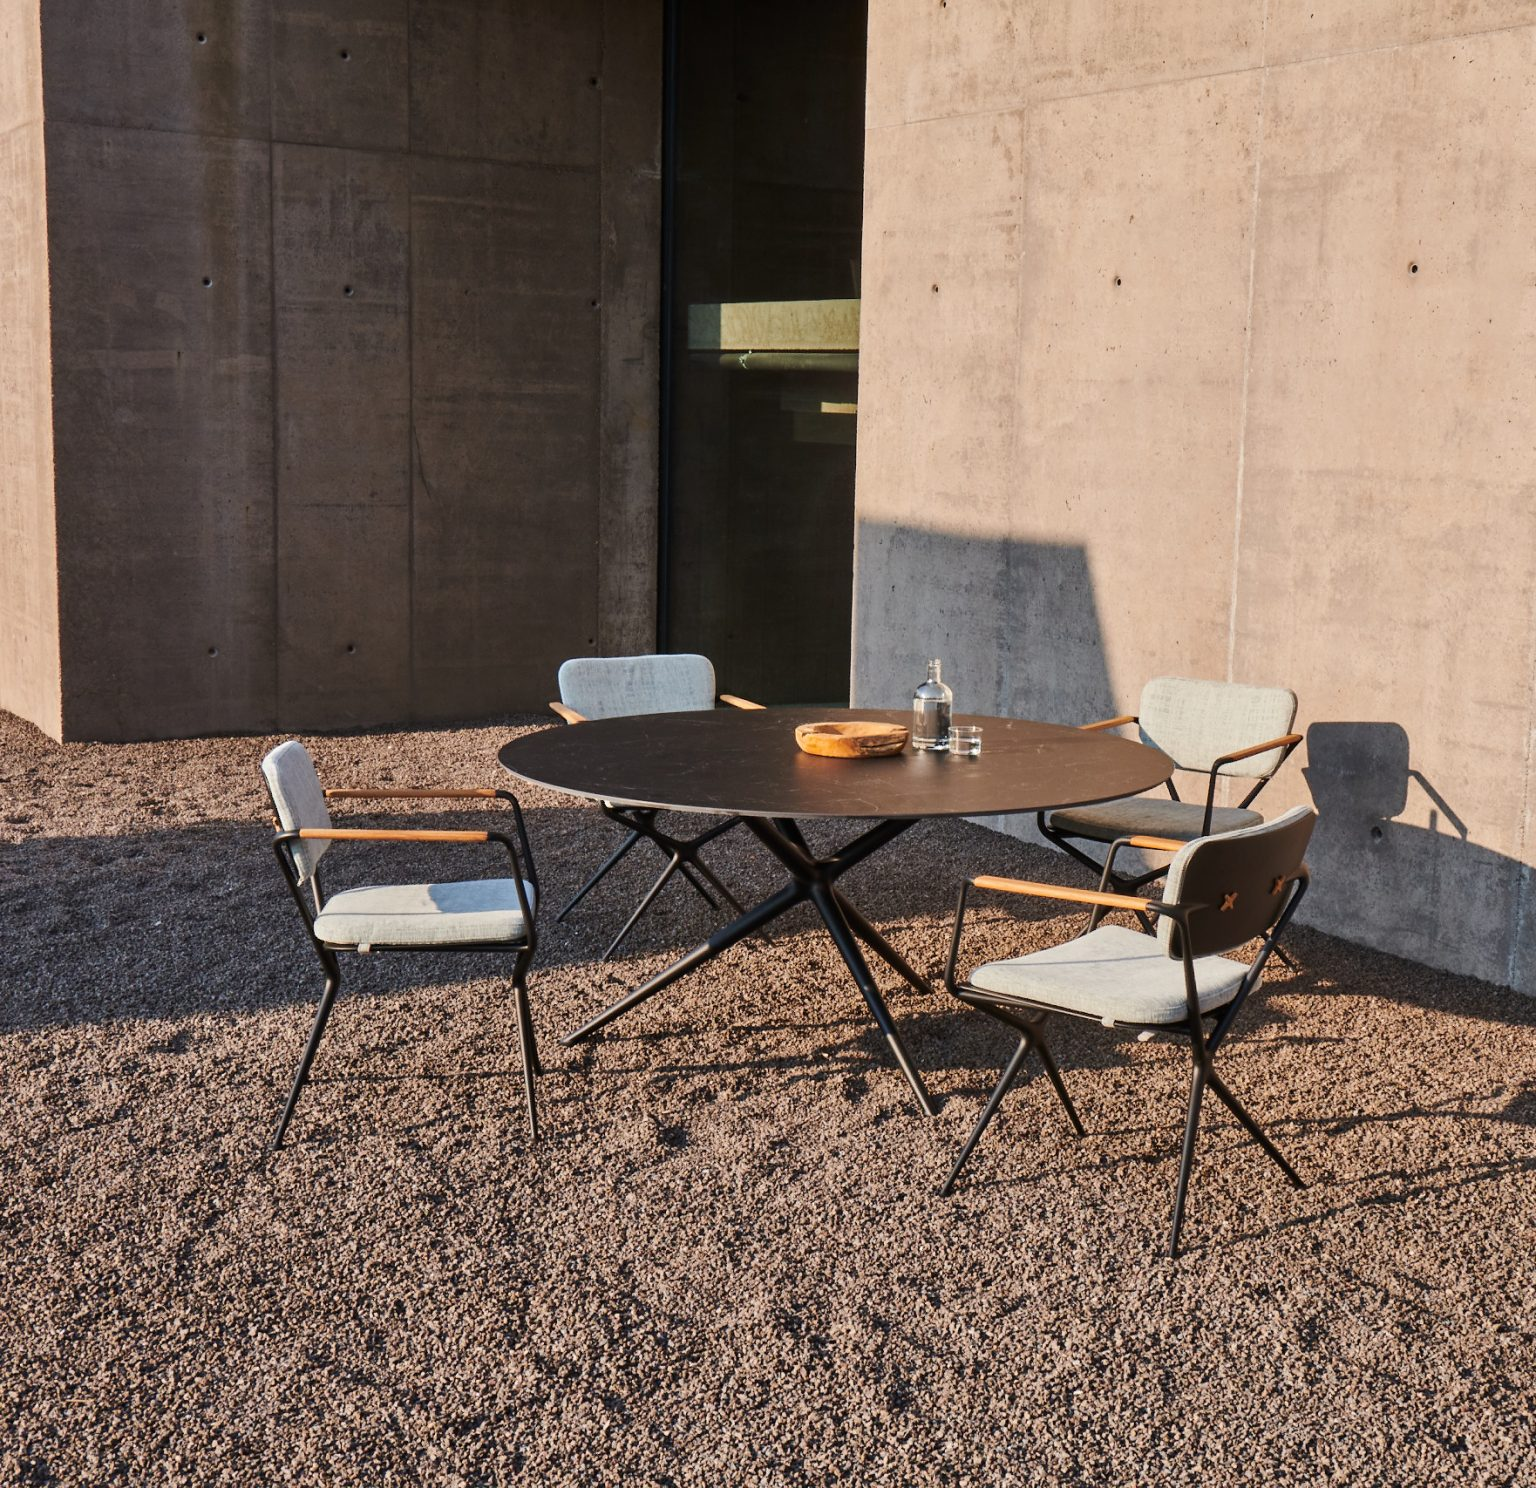 Biennale Interieur - Belgium's leading design and interior event - Dsc3347.jpg